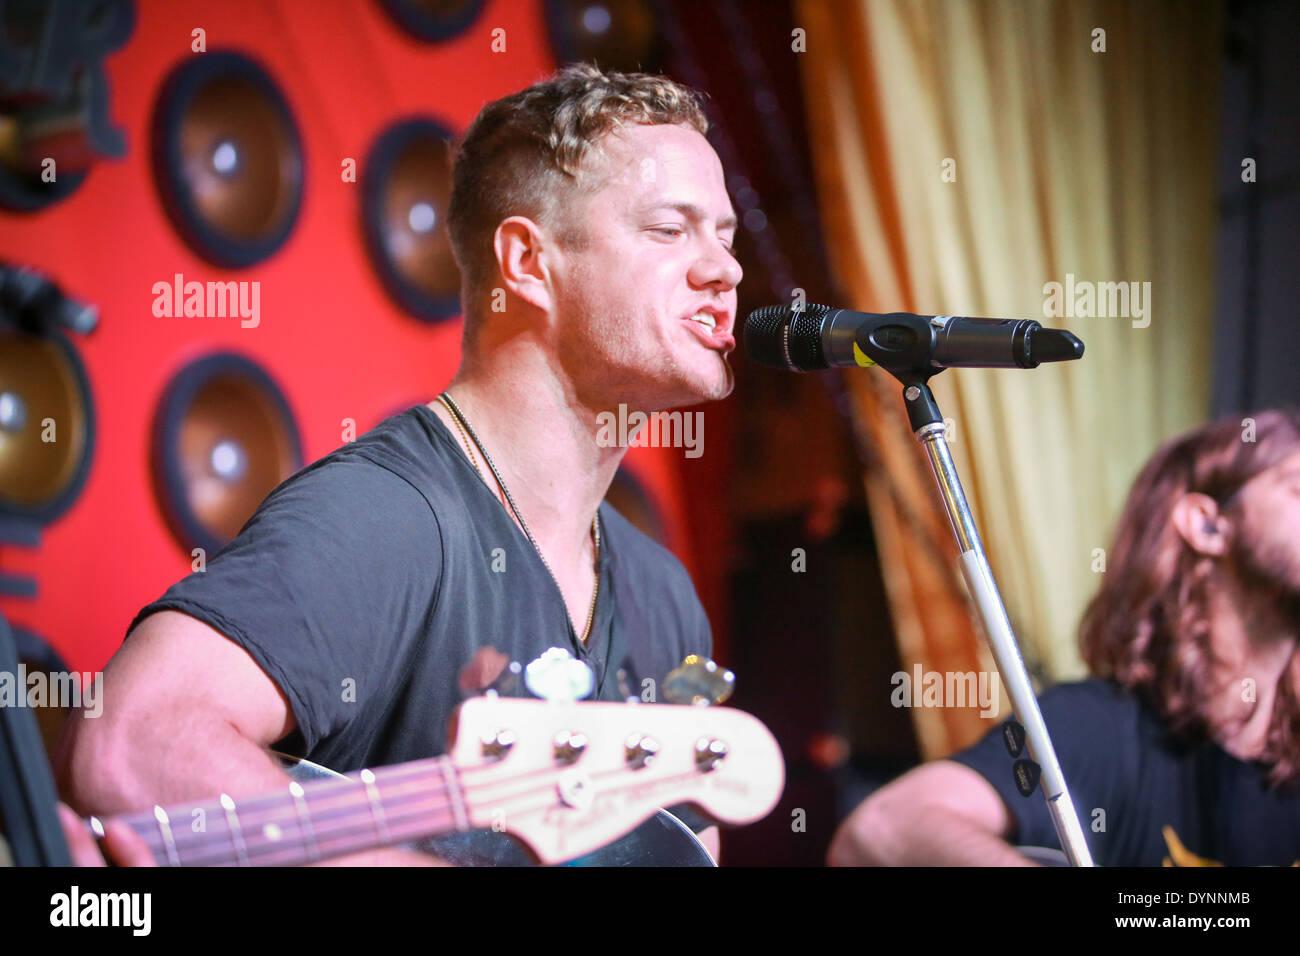 Hard Rock Cafe Baltimore Reopening Imagine Dragons - Stock Image